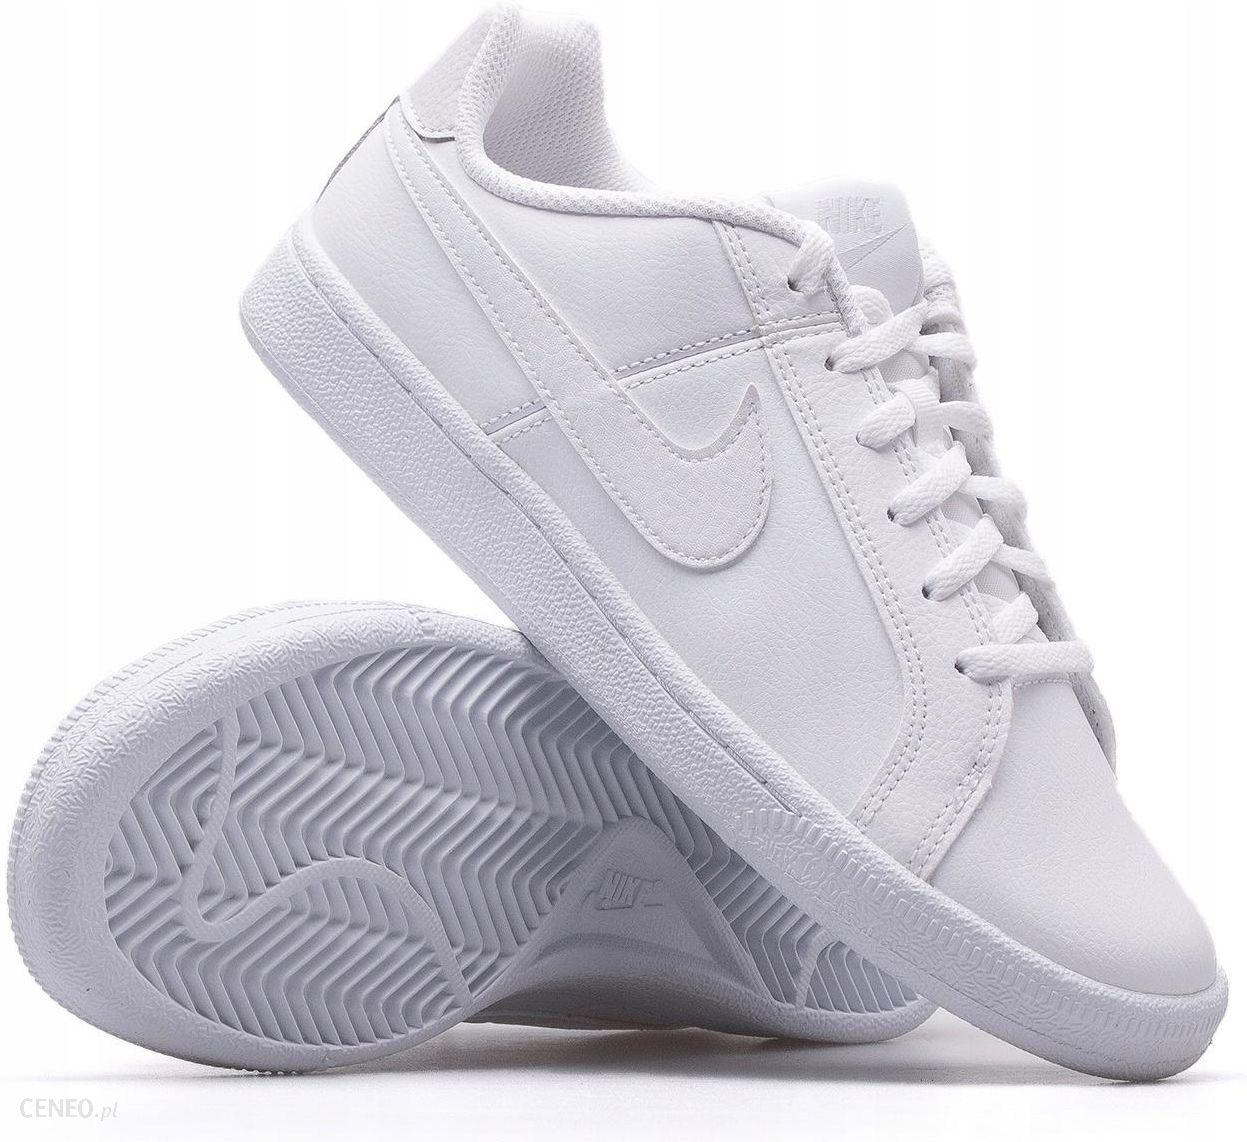 najlepsza moda dobra obsługa jak kupić Buty damskie białe Nike Court 833654-102 38 - Ceny i opinie - Ceneo.pl